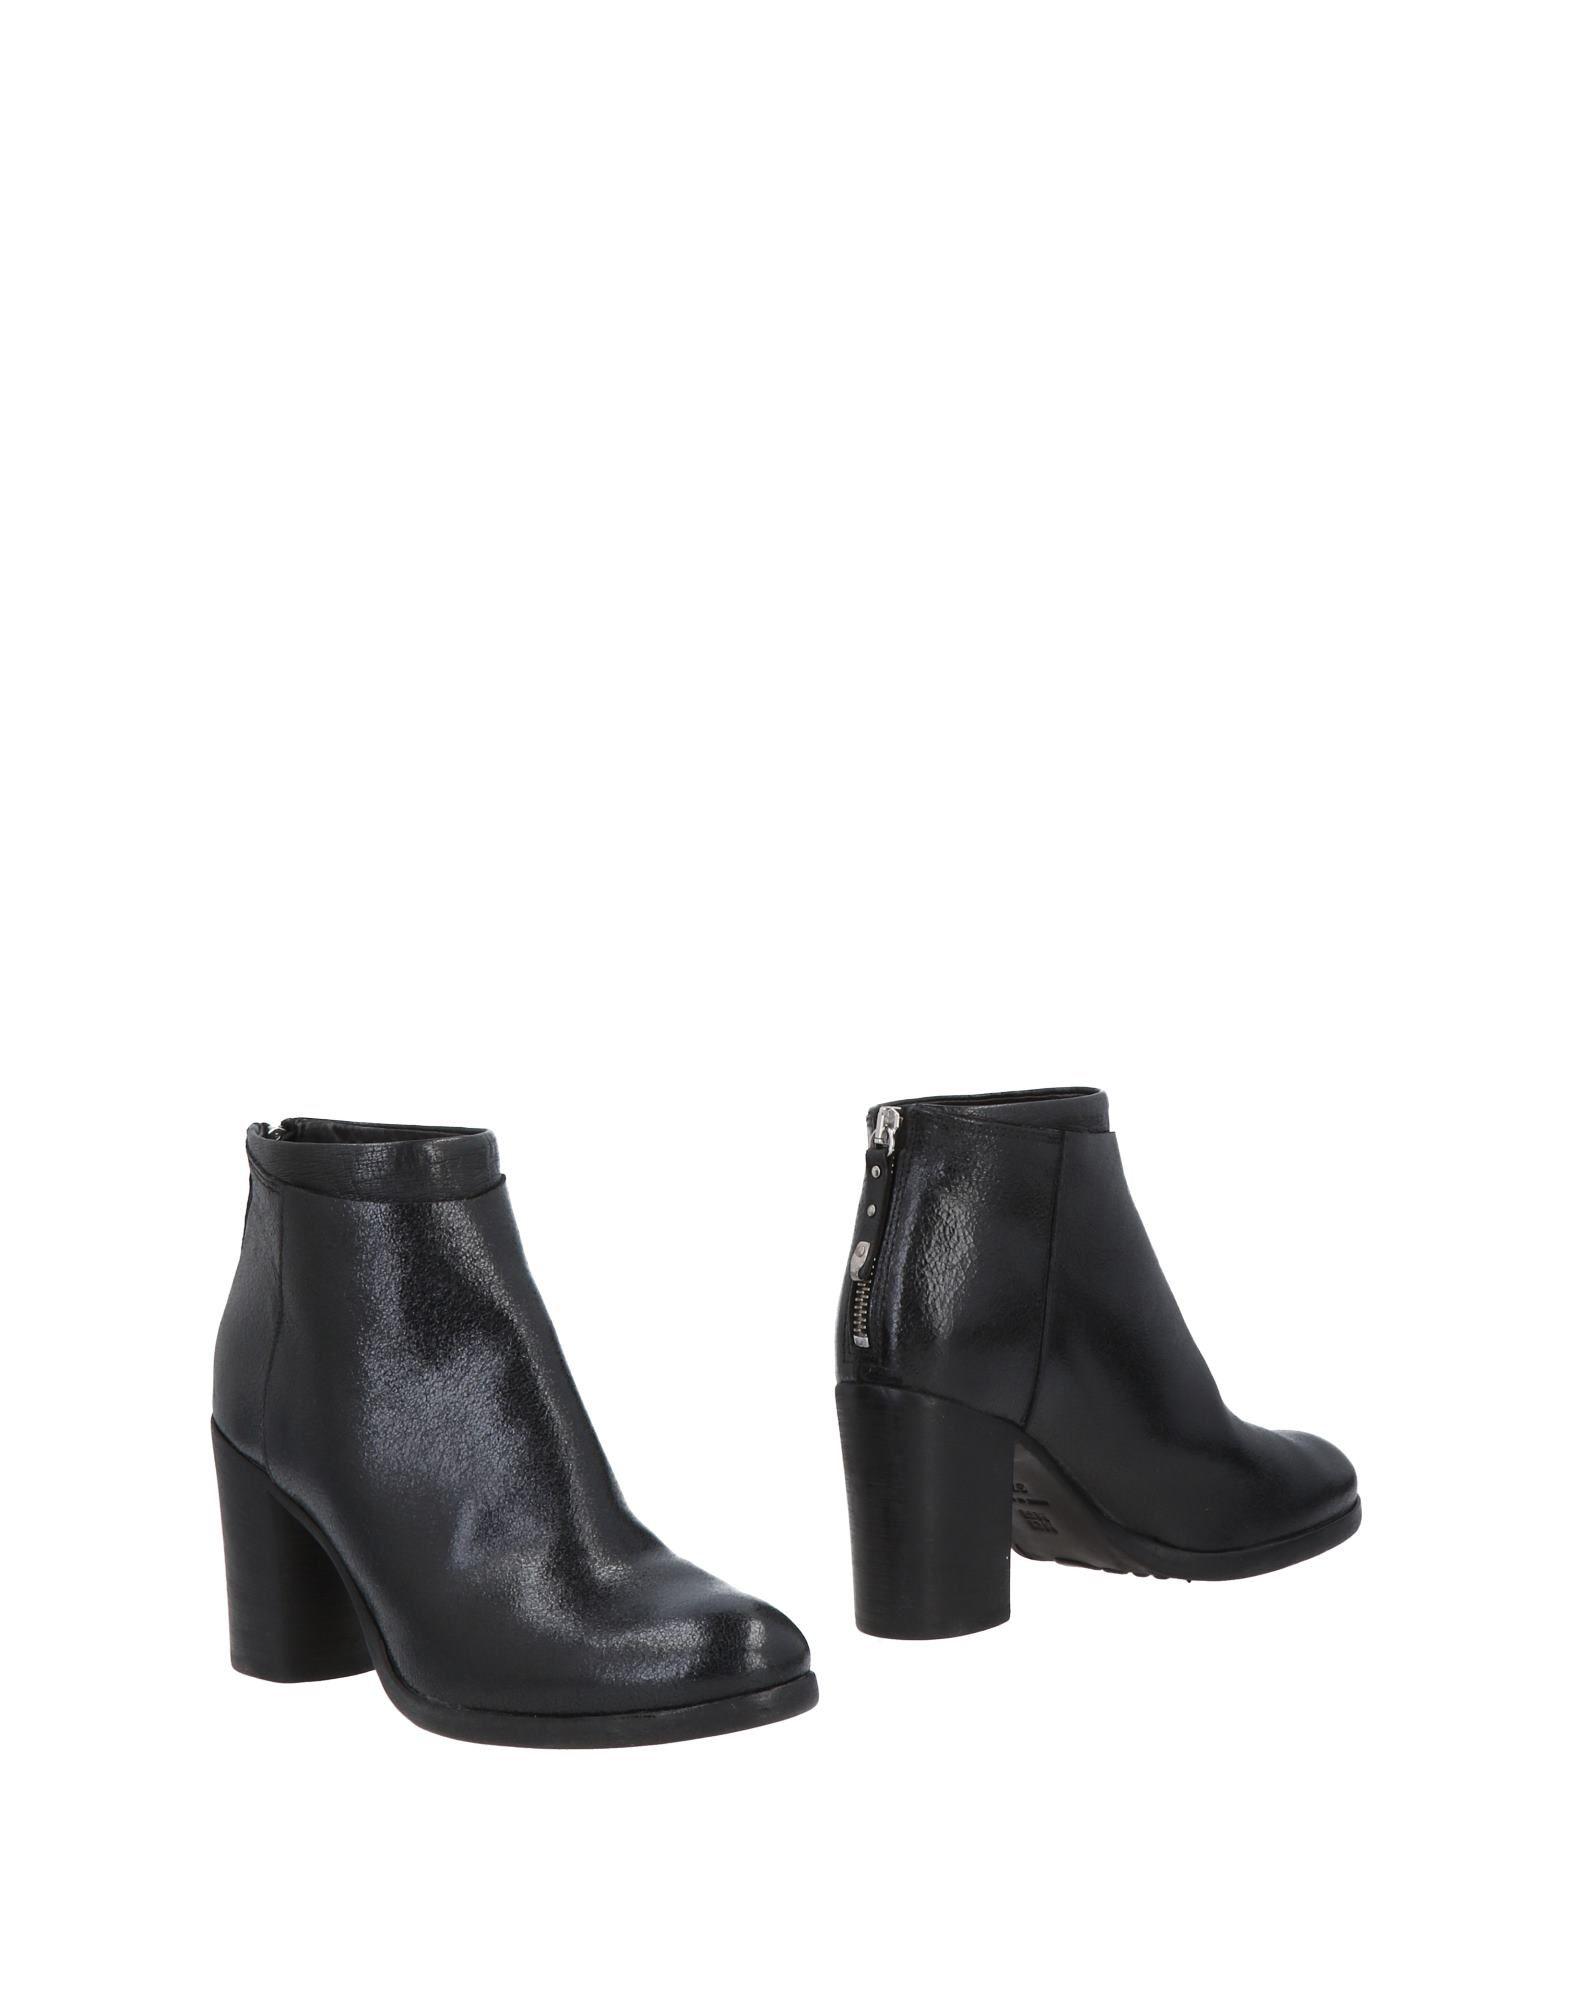 Moma Stiefelette Damen  11501324WPGut aussehende strapazierfähige Schuhe